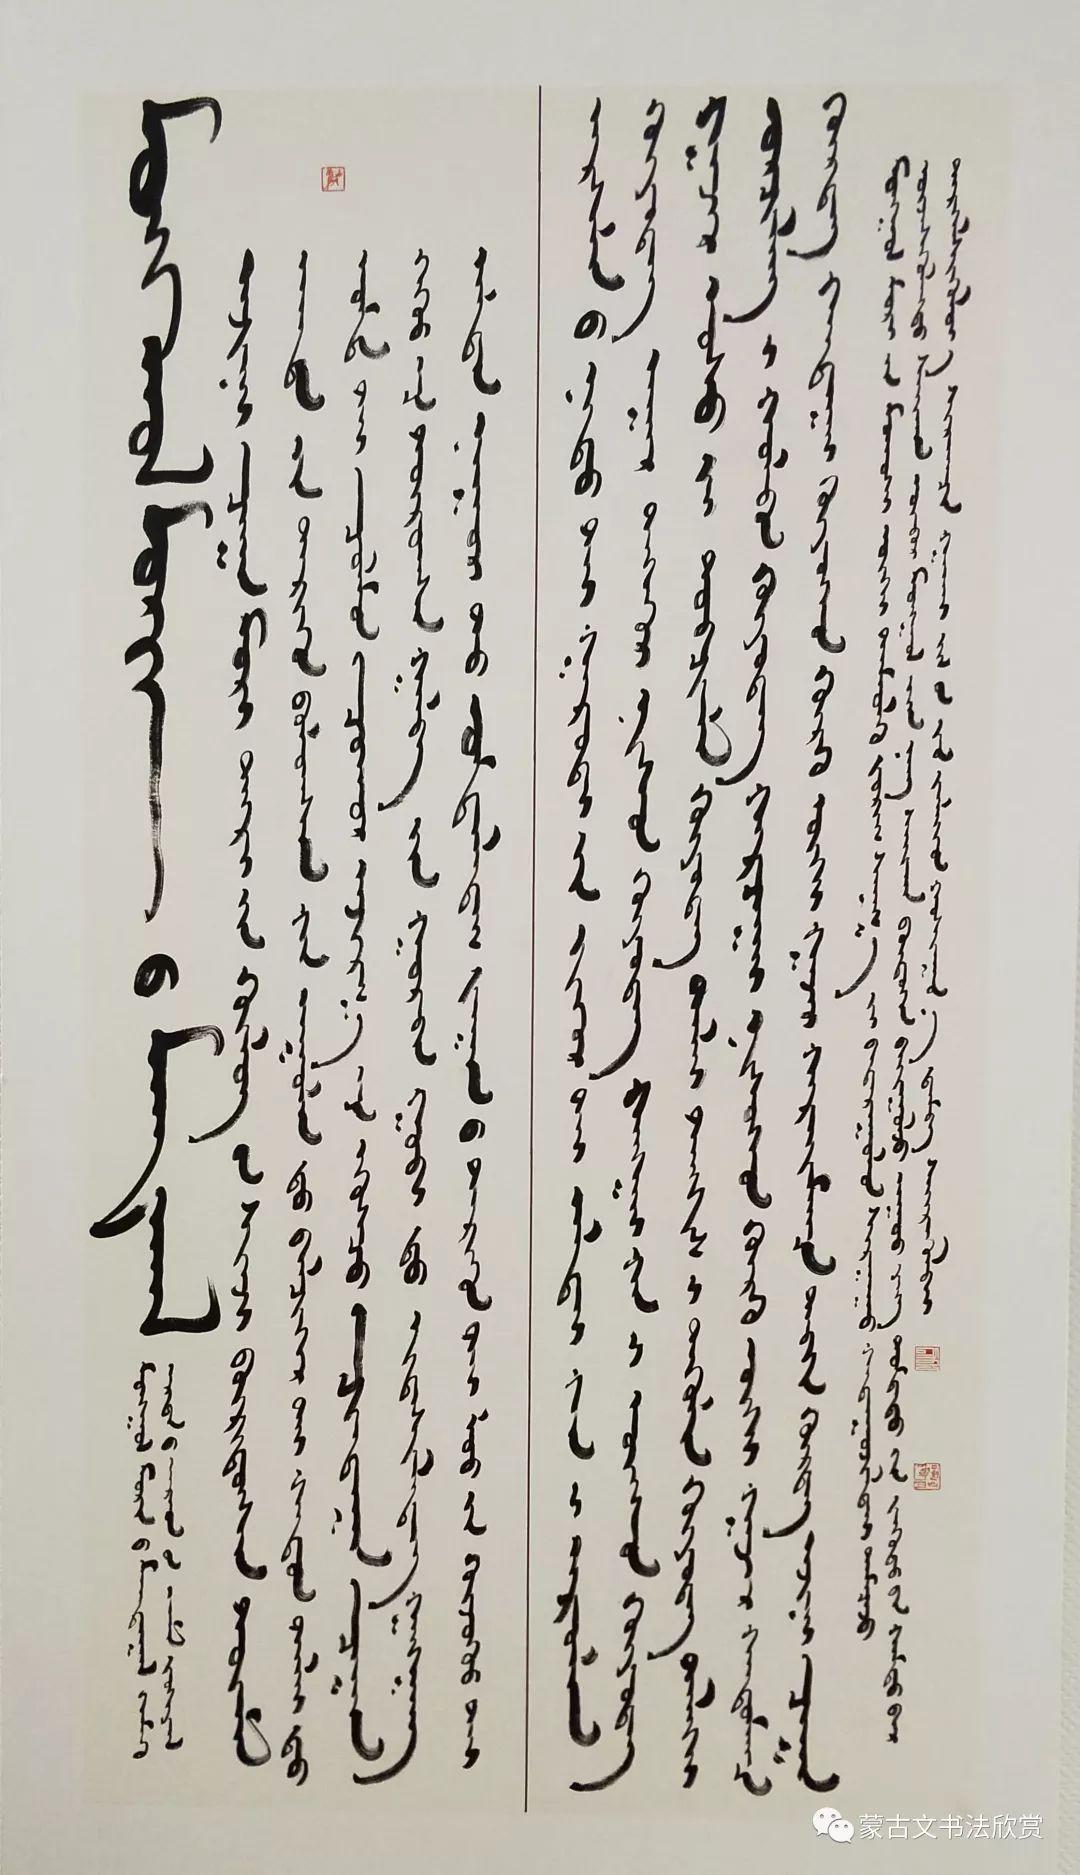 蒙古文书法欣赏——丹巴 第2张 蒙古文书法欣赏——丹巴 蒙古书法